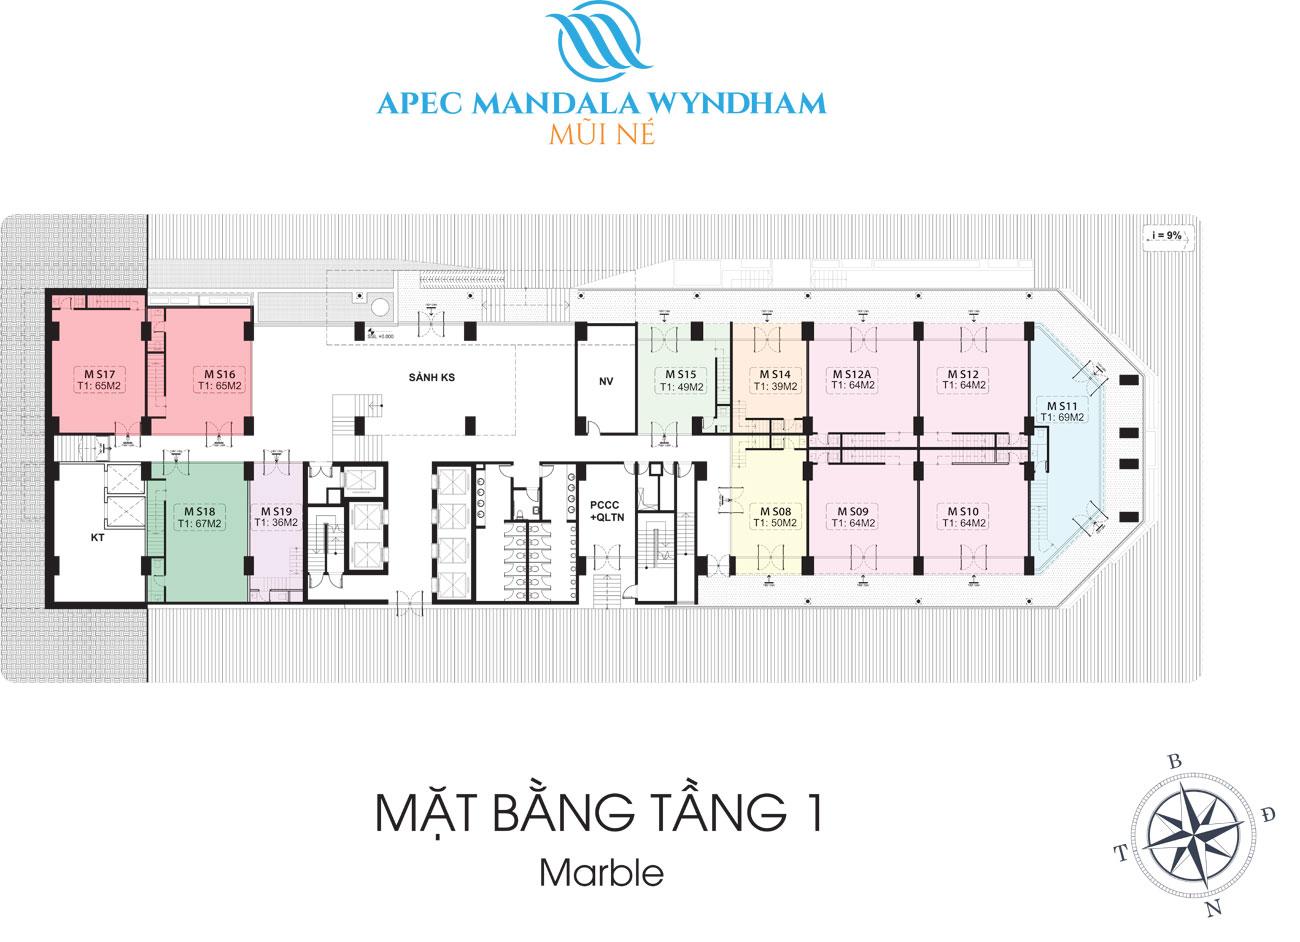 Mặt bằng dự án Condotel Apec Mandala Wyndham Mũi Né Phan Thiết Đường DT716 chủ đầu tư Tập đoàn Apec